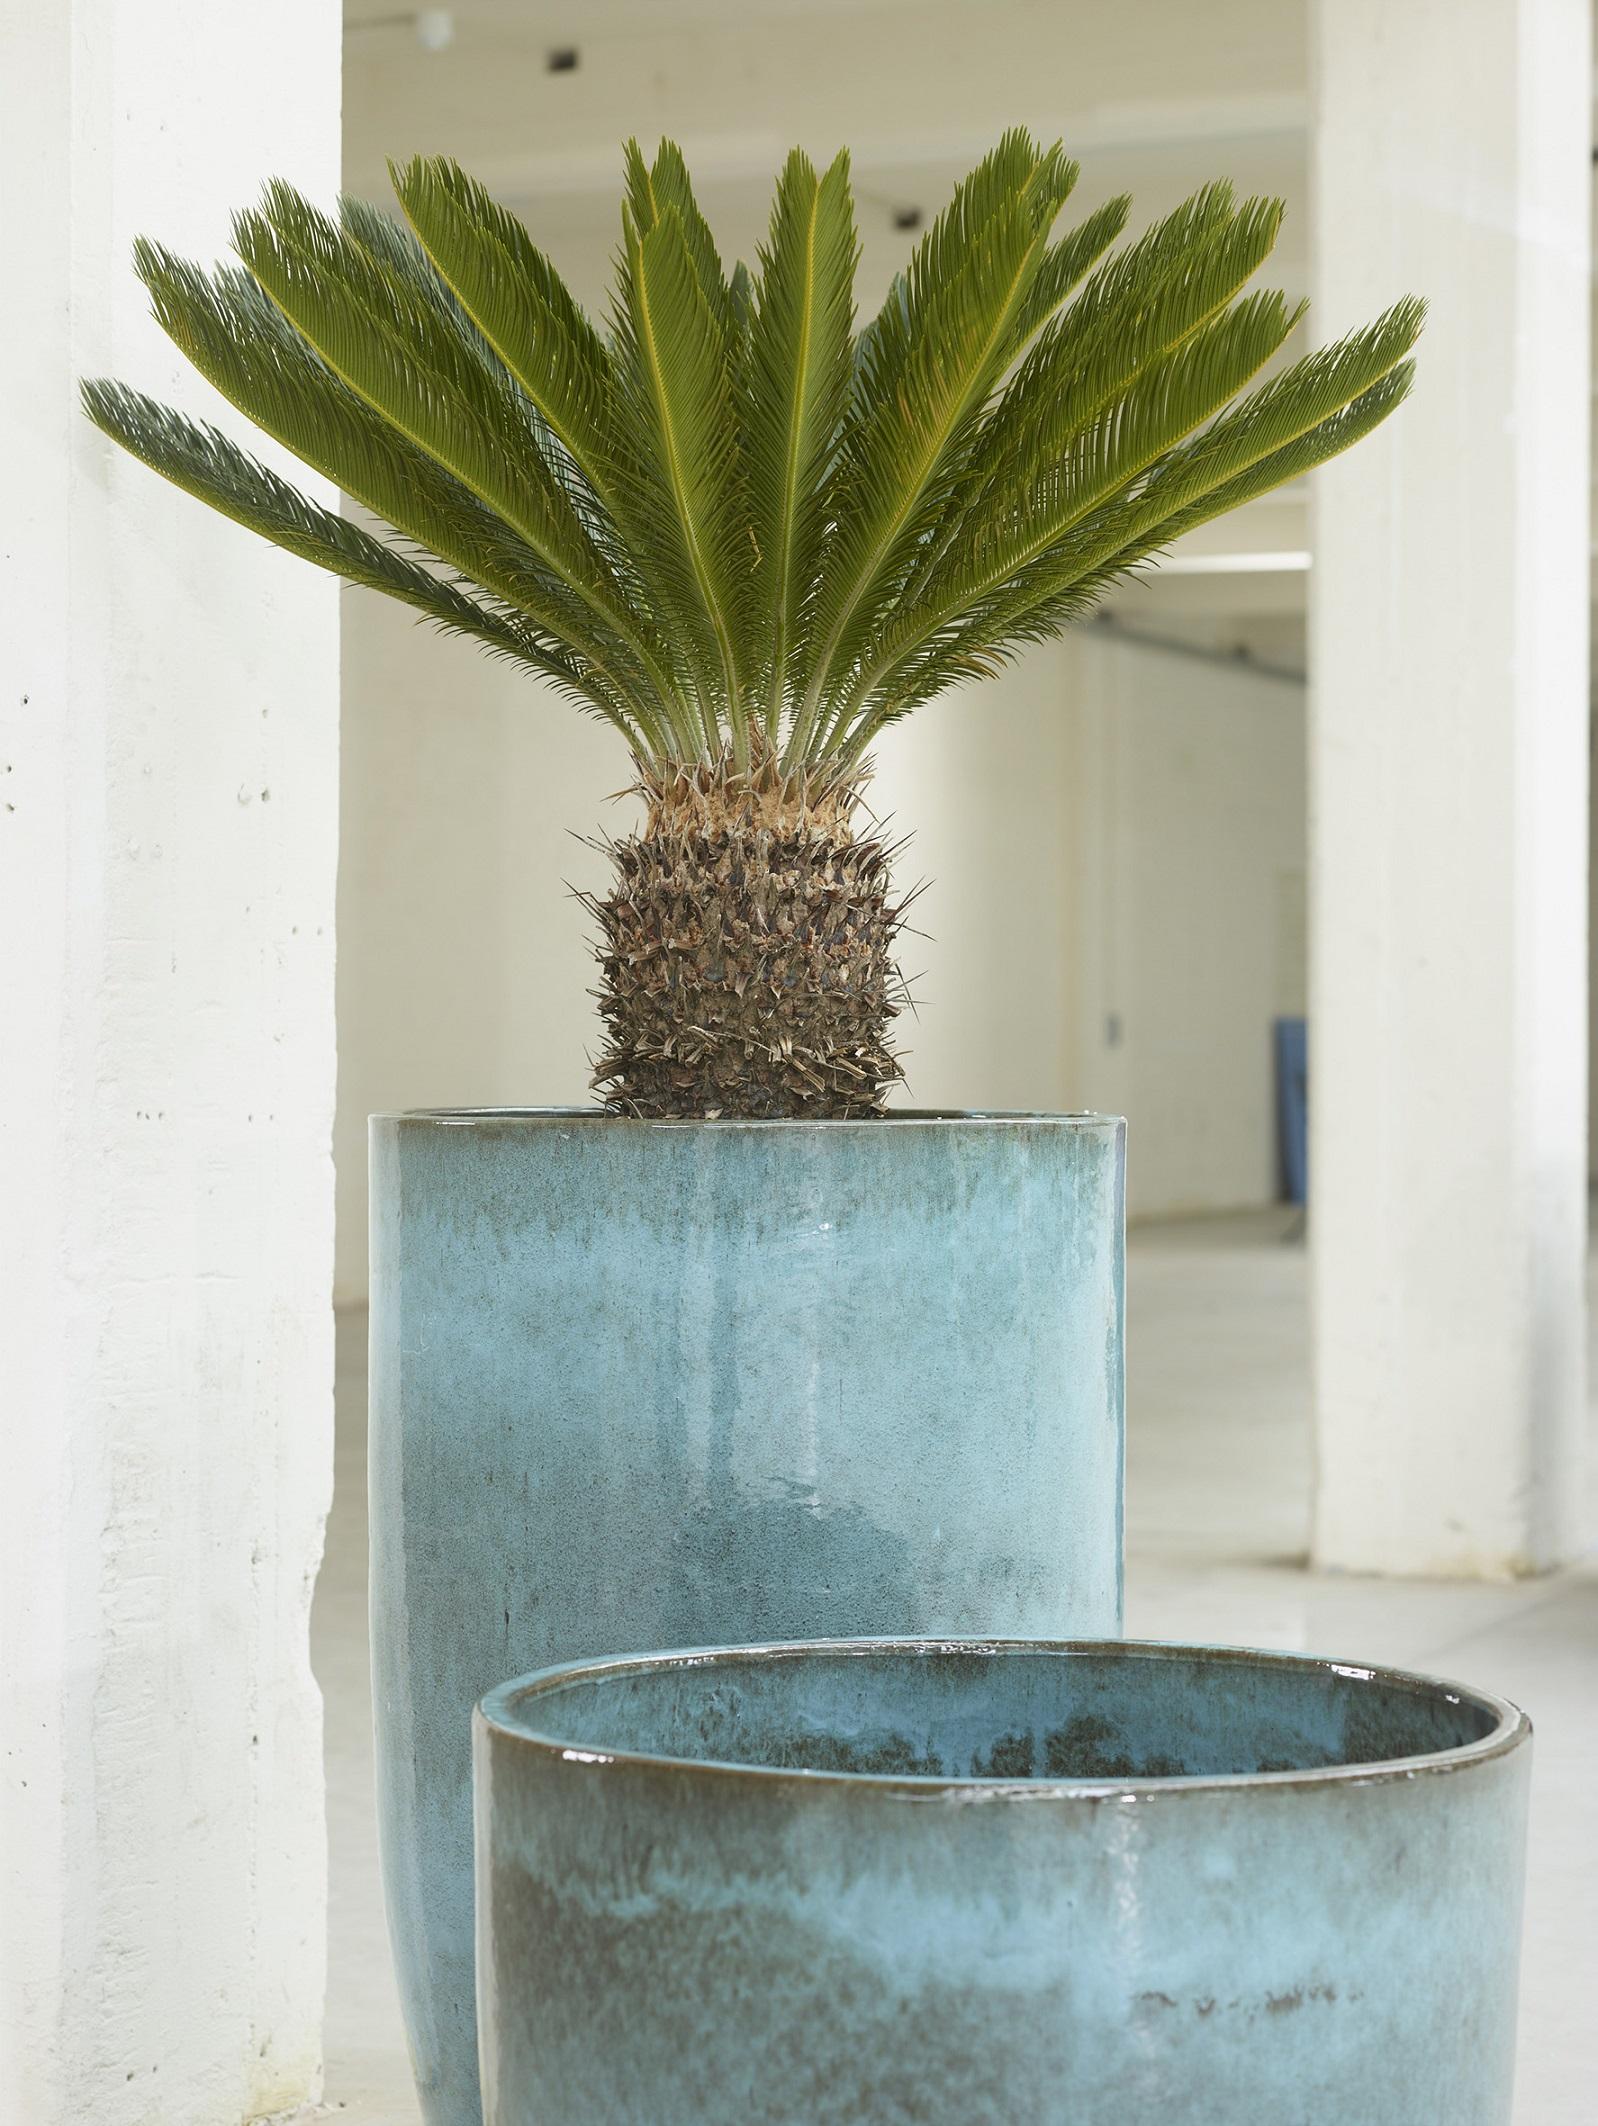 Grote Plantenbak Binnen.Bloempotten En Plantenbakken Potten Outdoor Indoor Keramiek